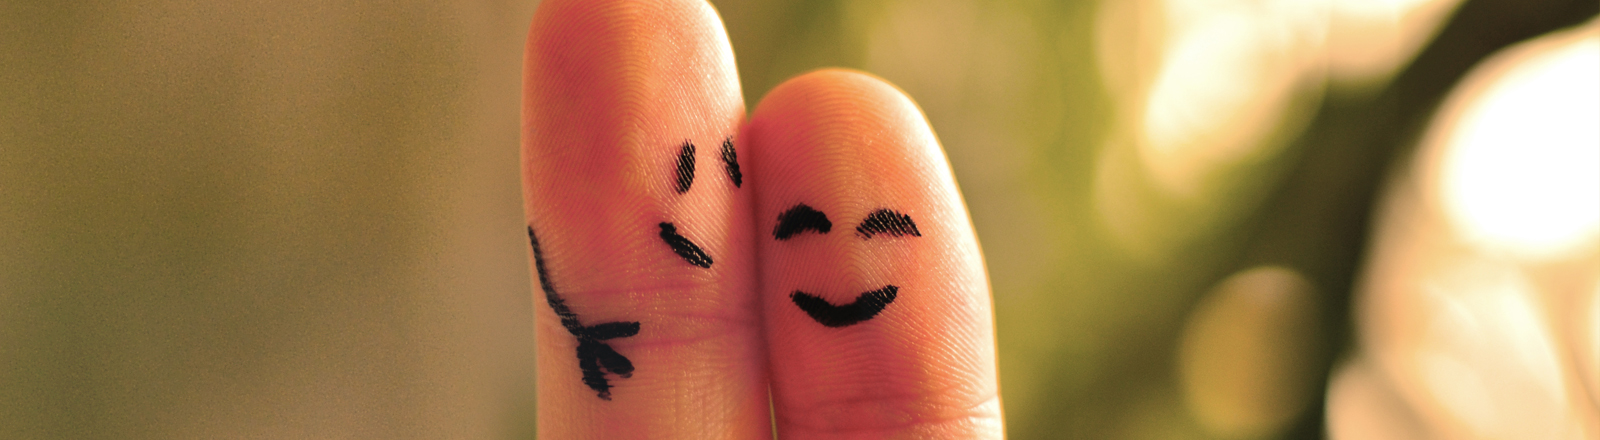 Auf Zeige- und Mittelfinger einer Hand sind Gesichter gemalt, es sieht aus, als würden sich die zwei umarmen.